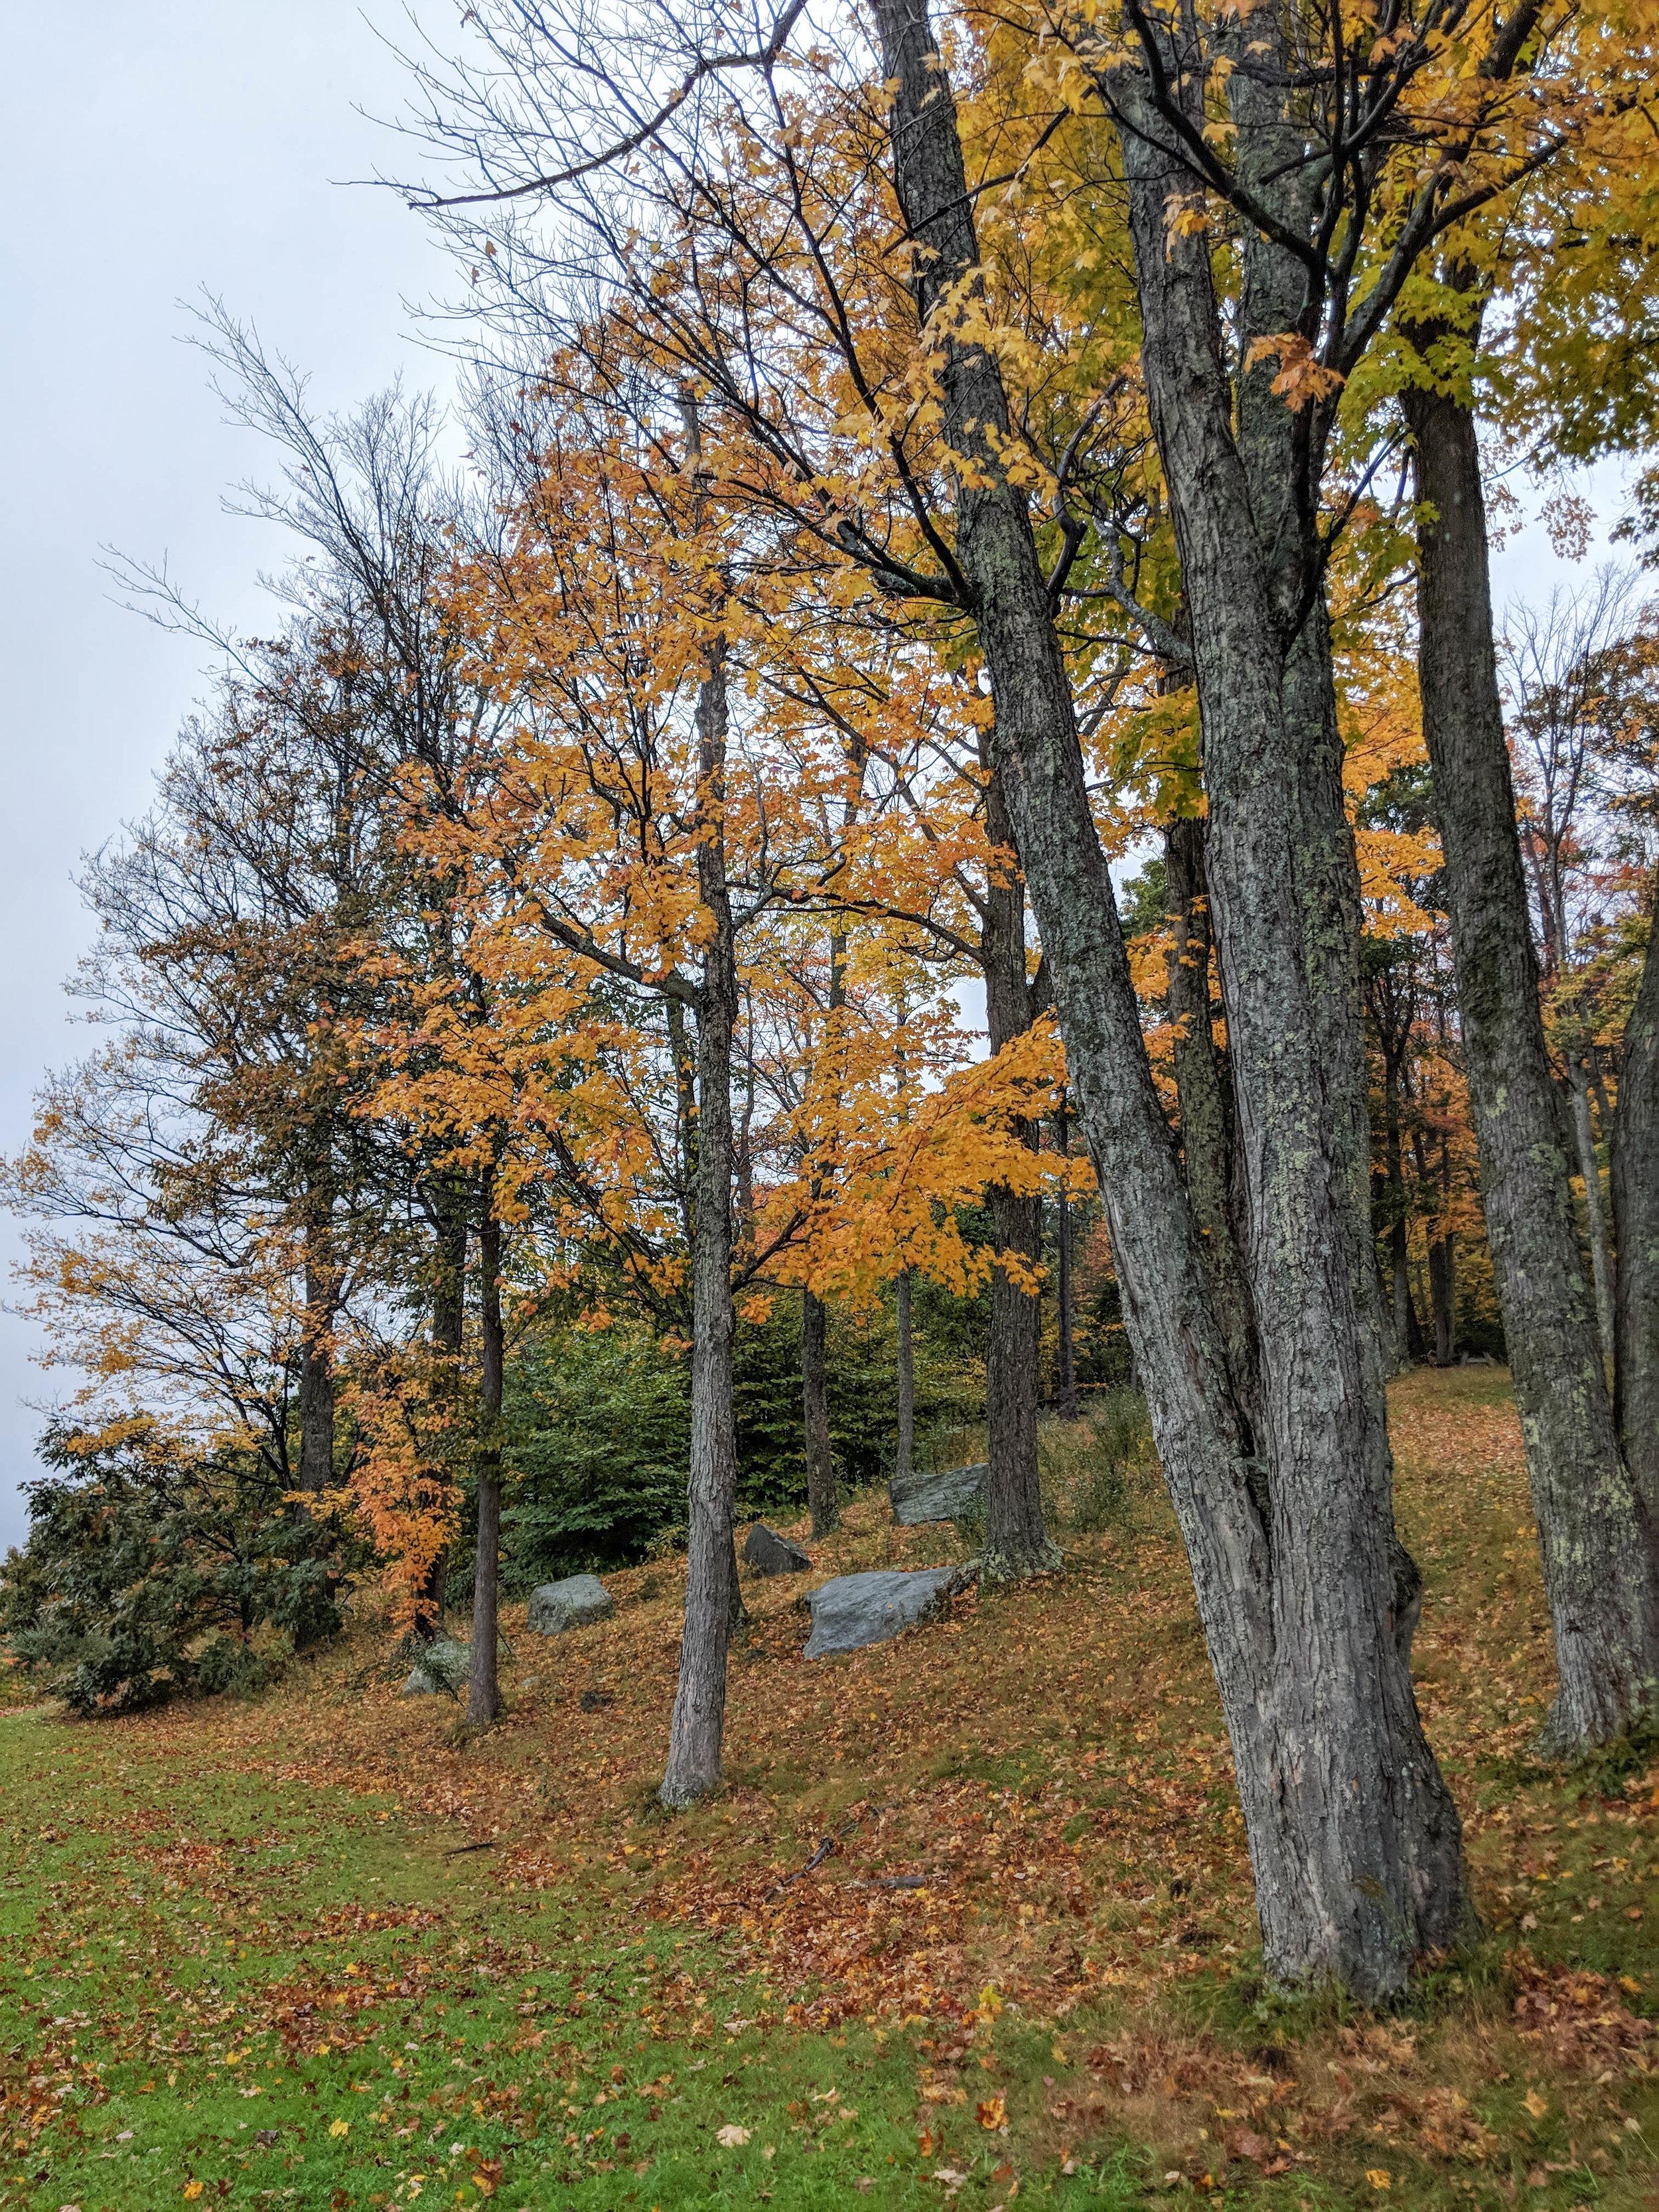 bri rinehart; photography; new hampshire; fall; trees